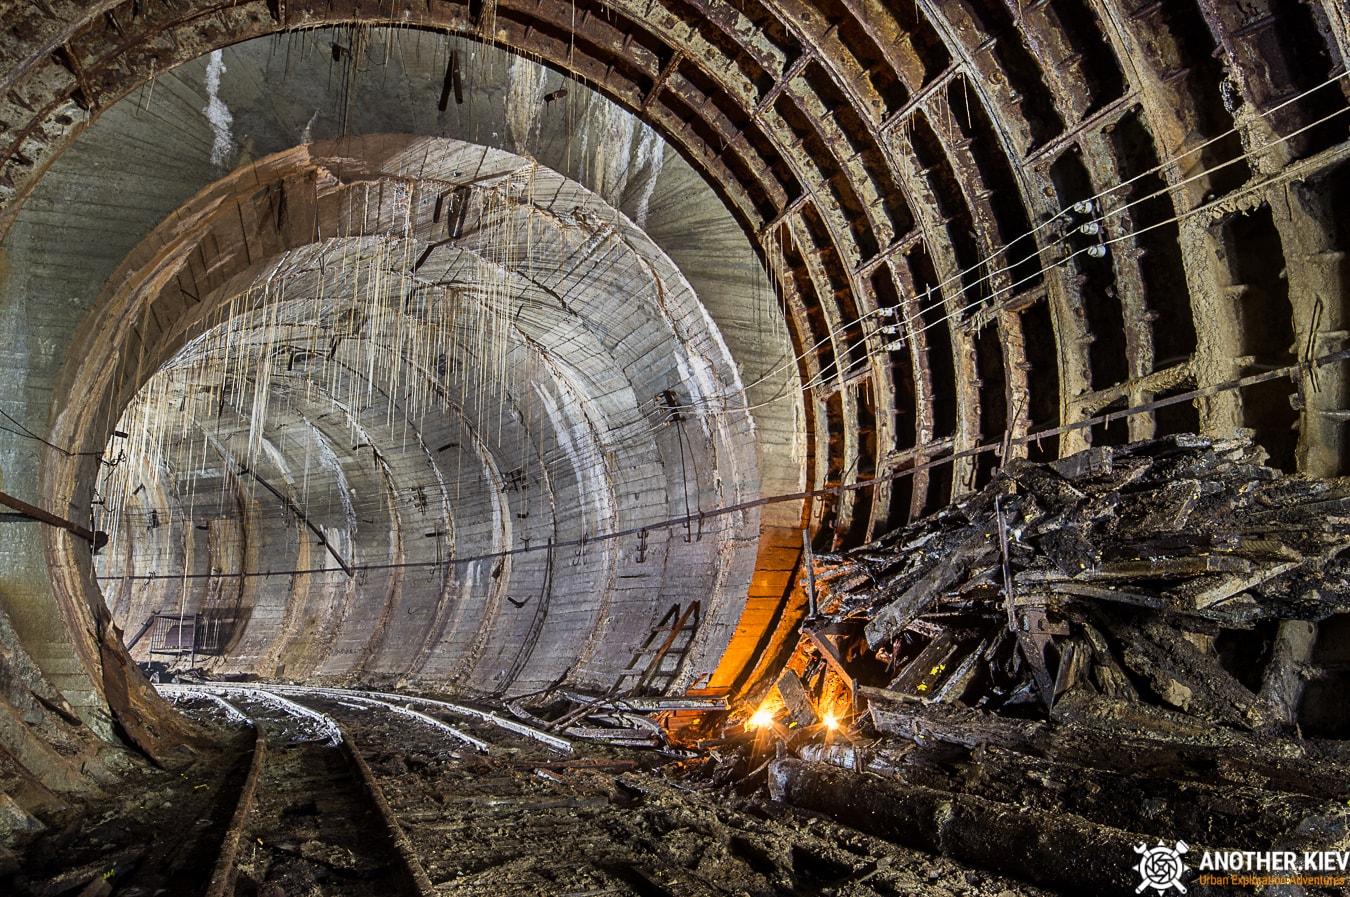 unfinished-abandoned-diesel-power-station-bunker-6839-min Недостроенная и заброшенная дизельная электростанция в киевском метро